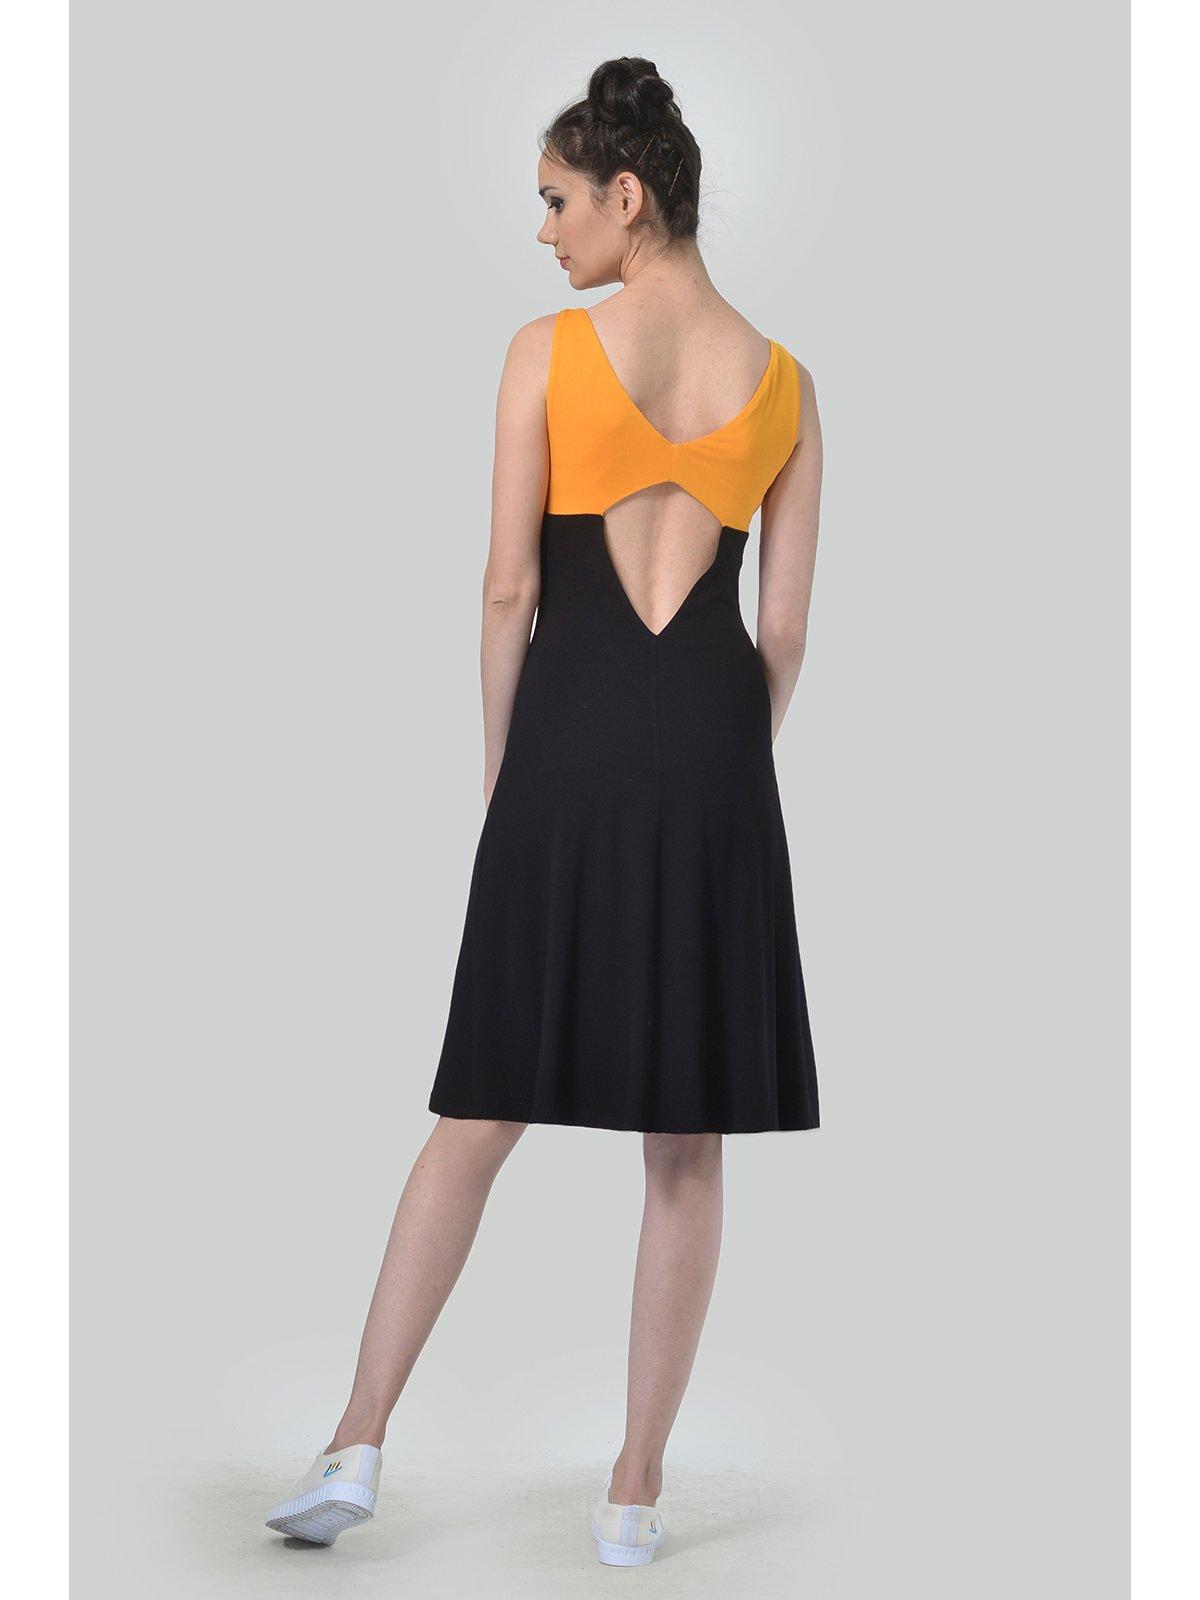 Платье двухцветное | 3409895 | фото 2